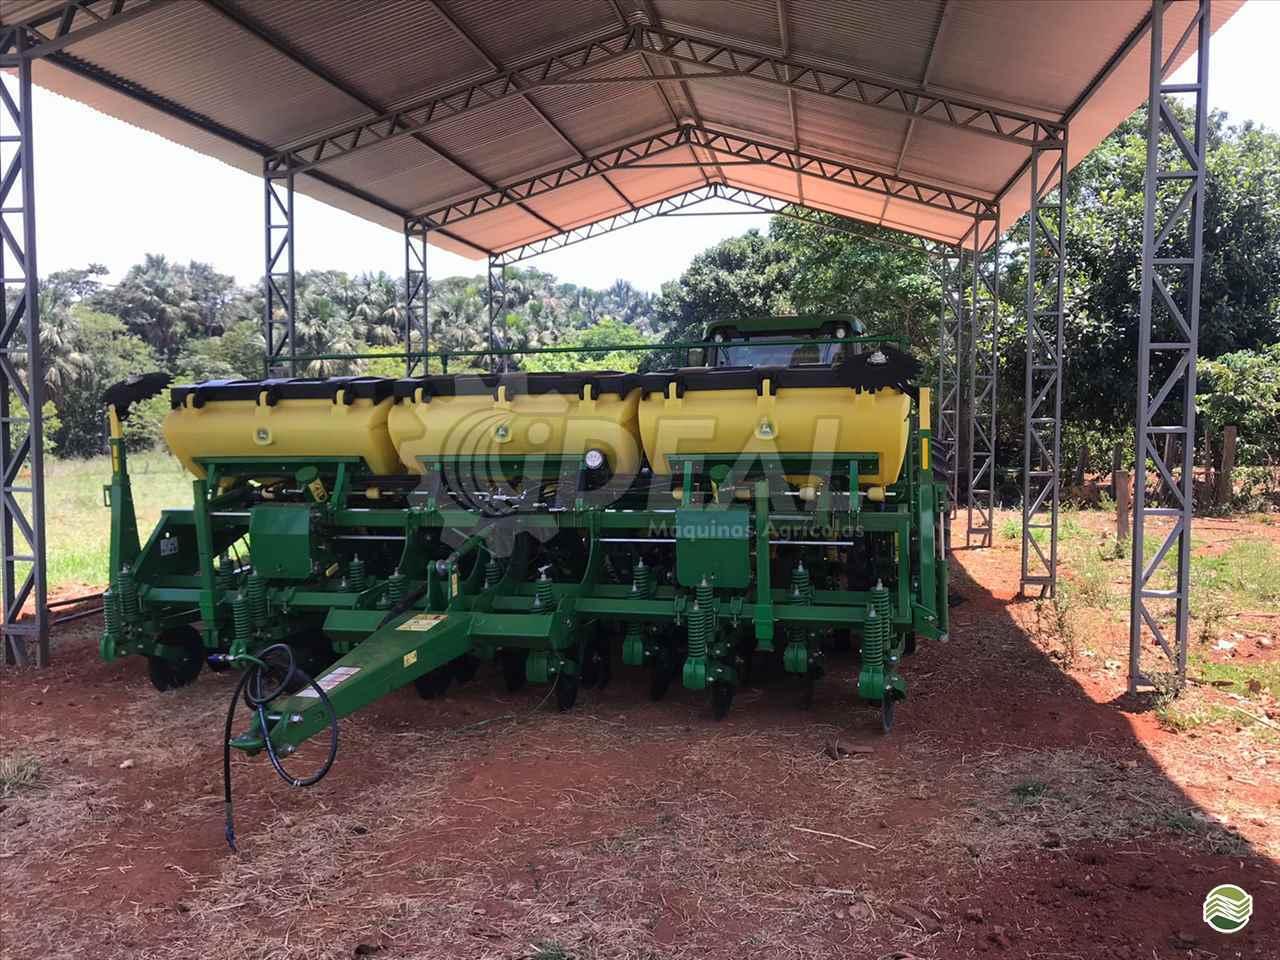 PLANTADEIRA JOHN DEERE PLANTADEIRAS 1111 Ideal Máquinas Agrícolas SAO GONCALO DO SAPUCAI MINAS GERAIS MG